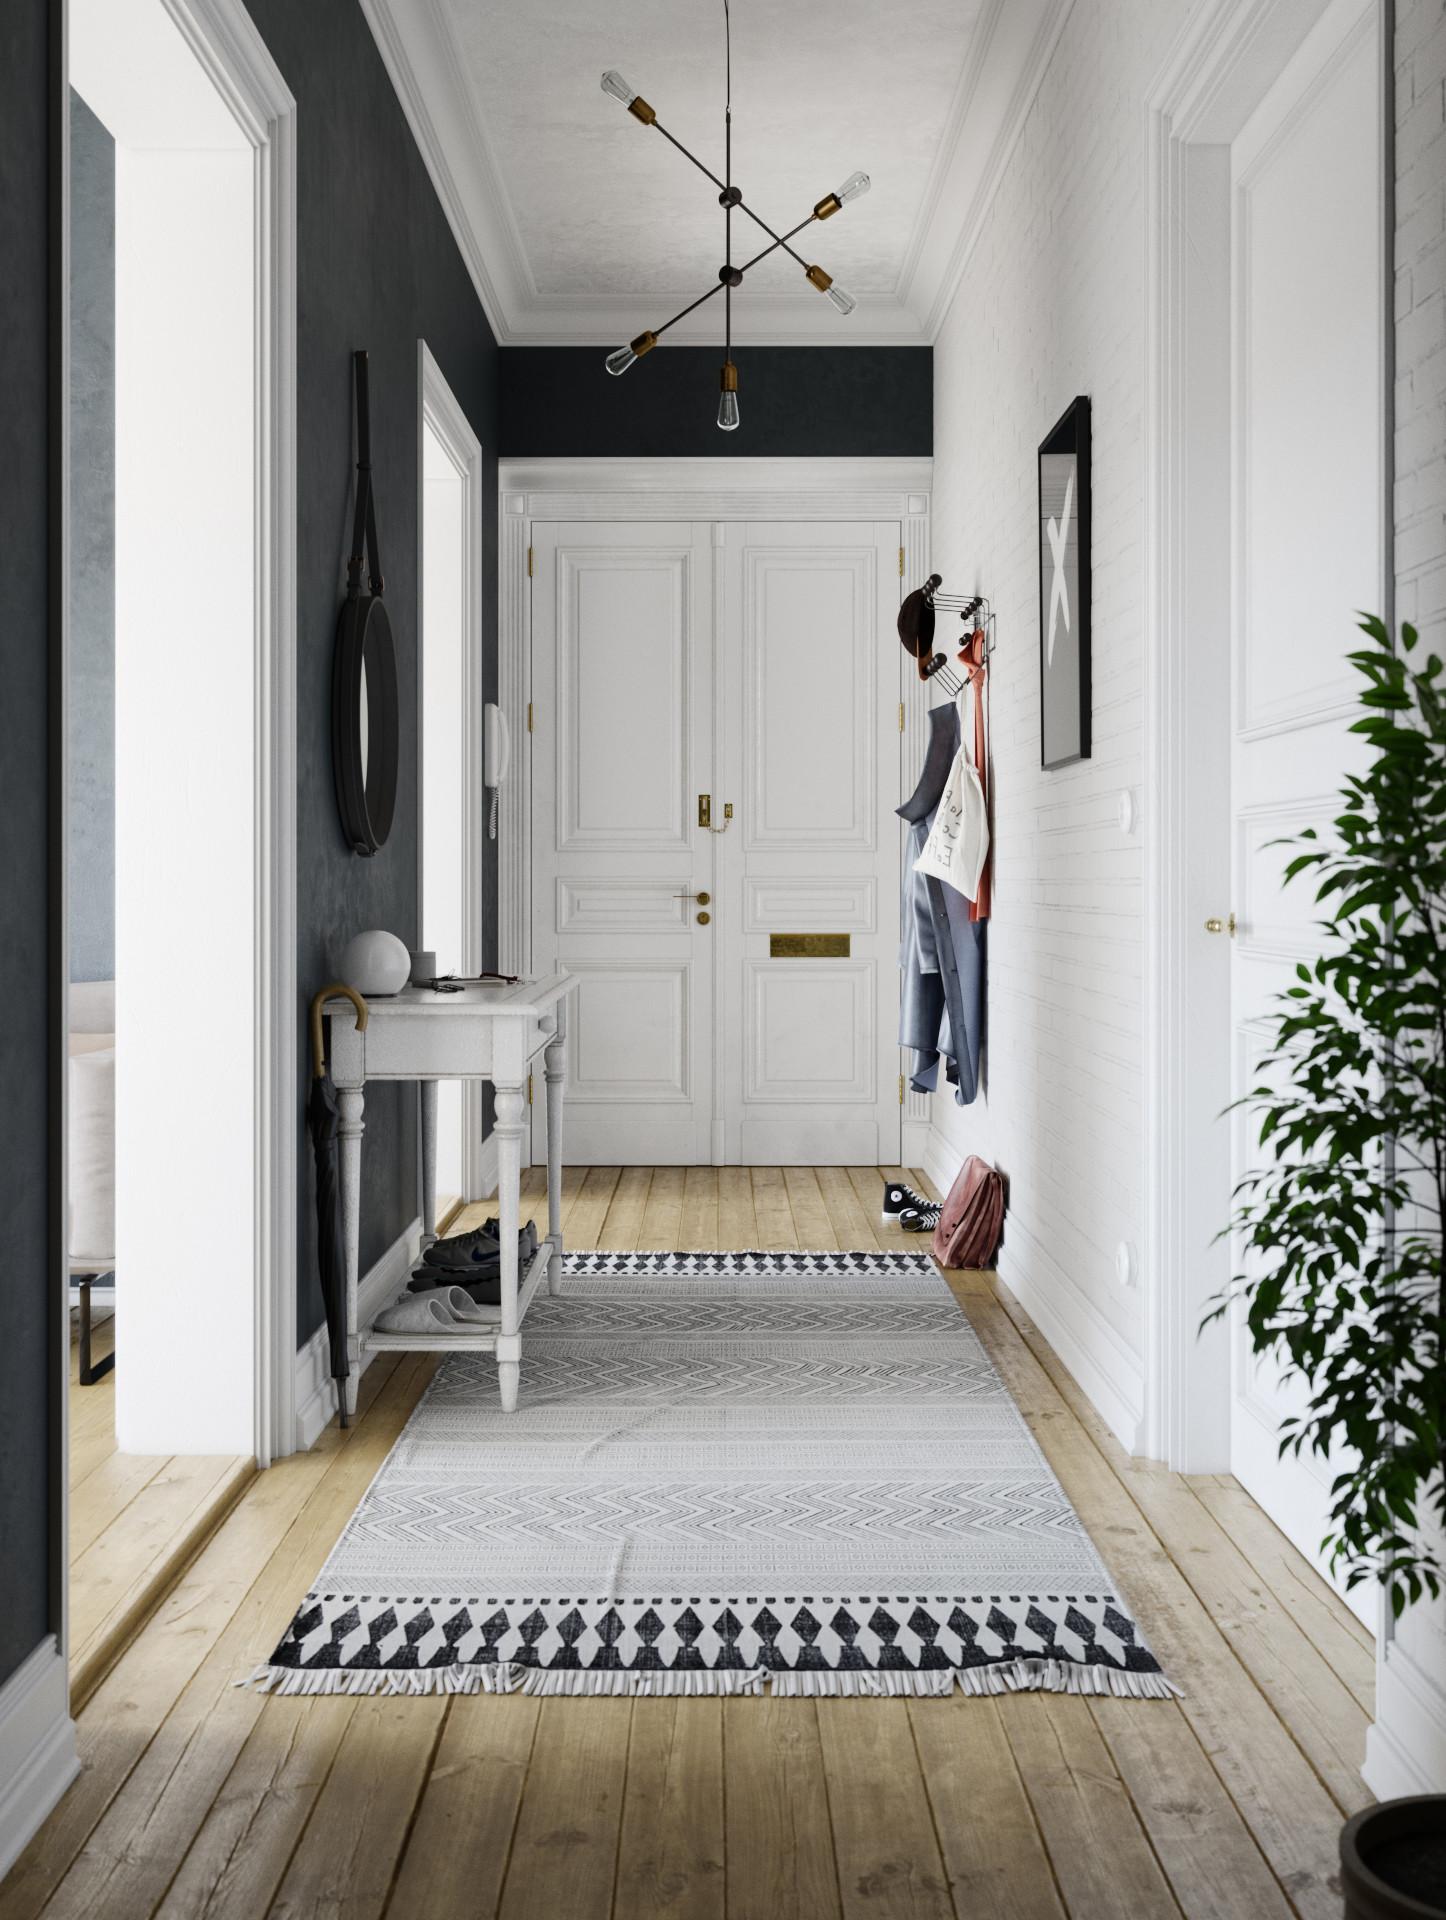 Alex langletz hallway interior 01